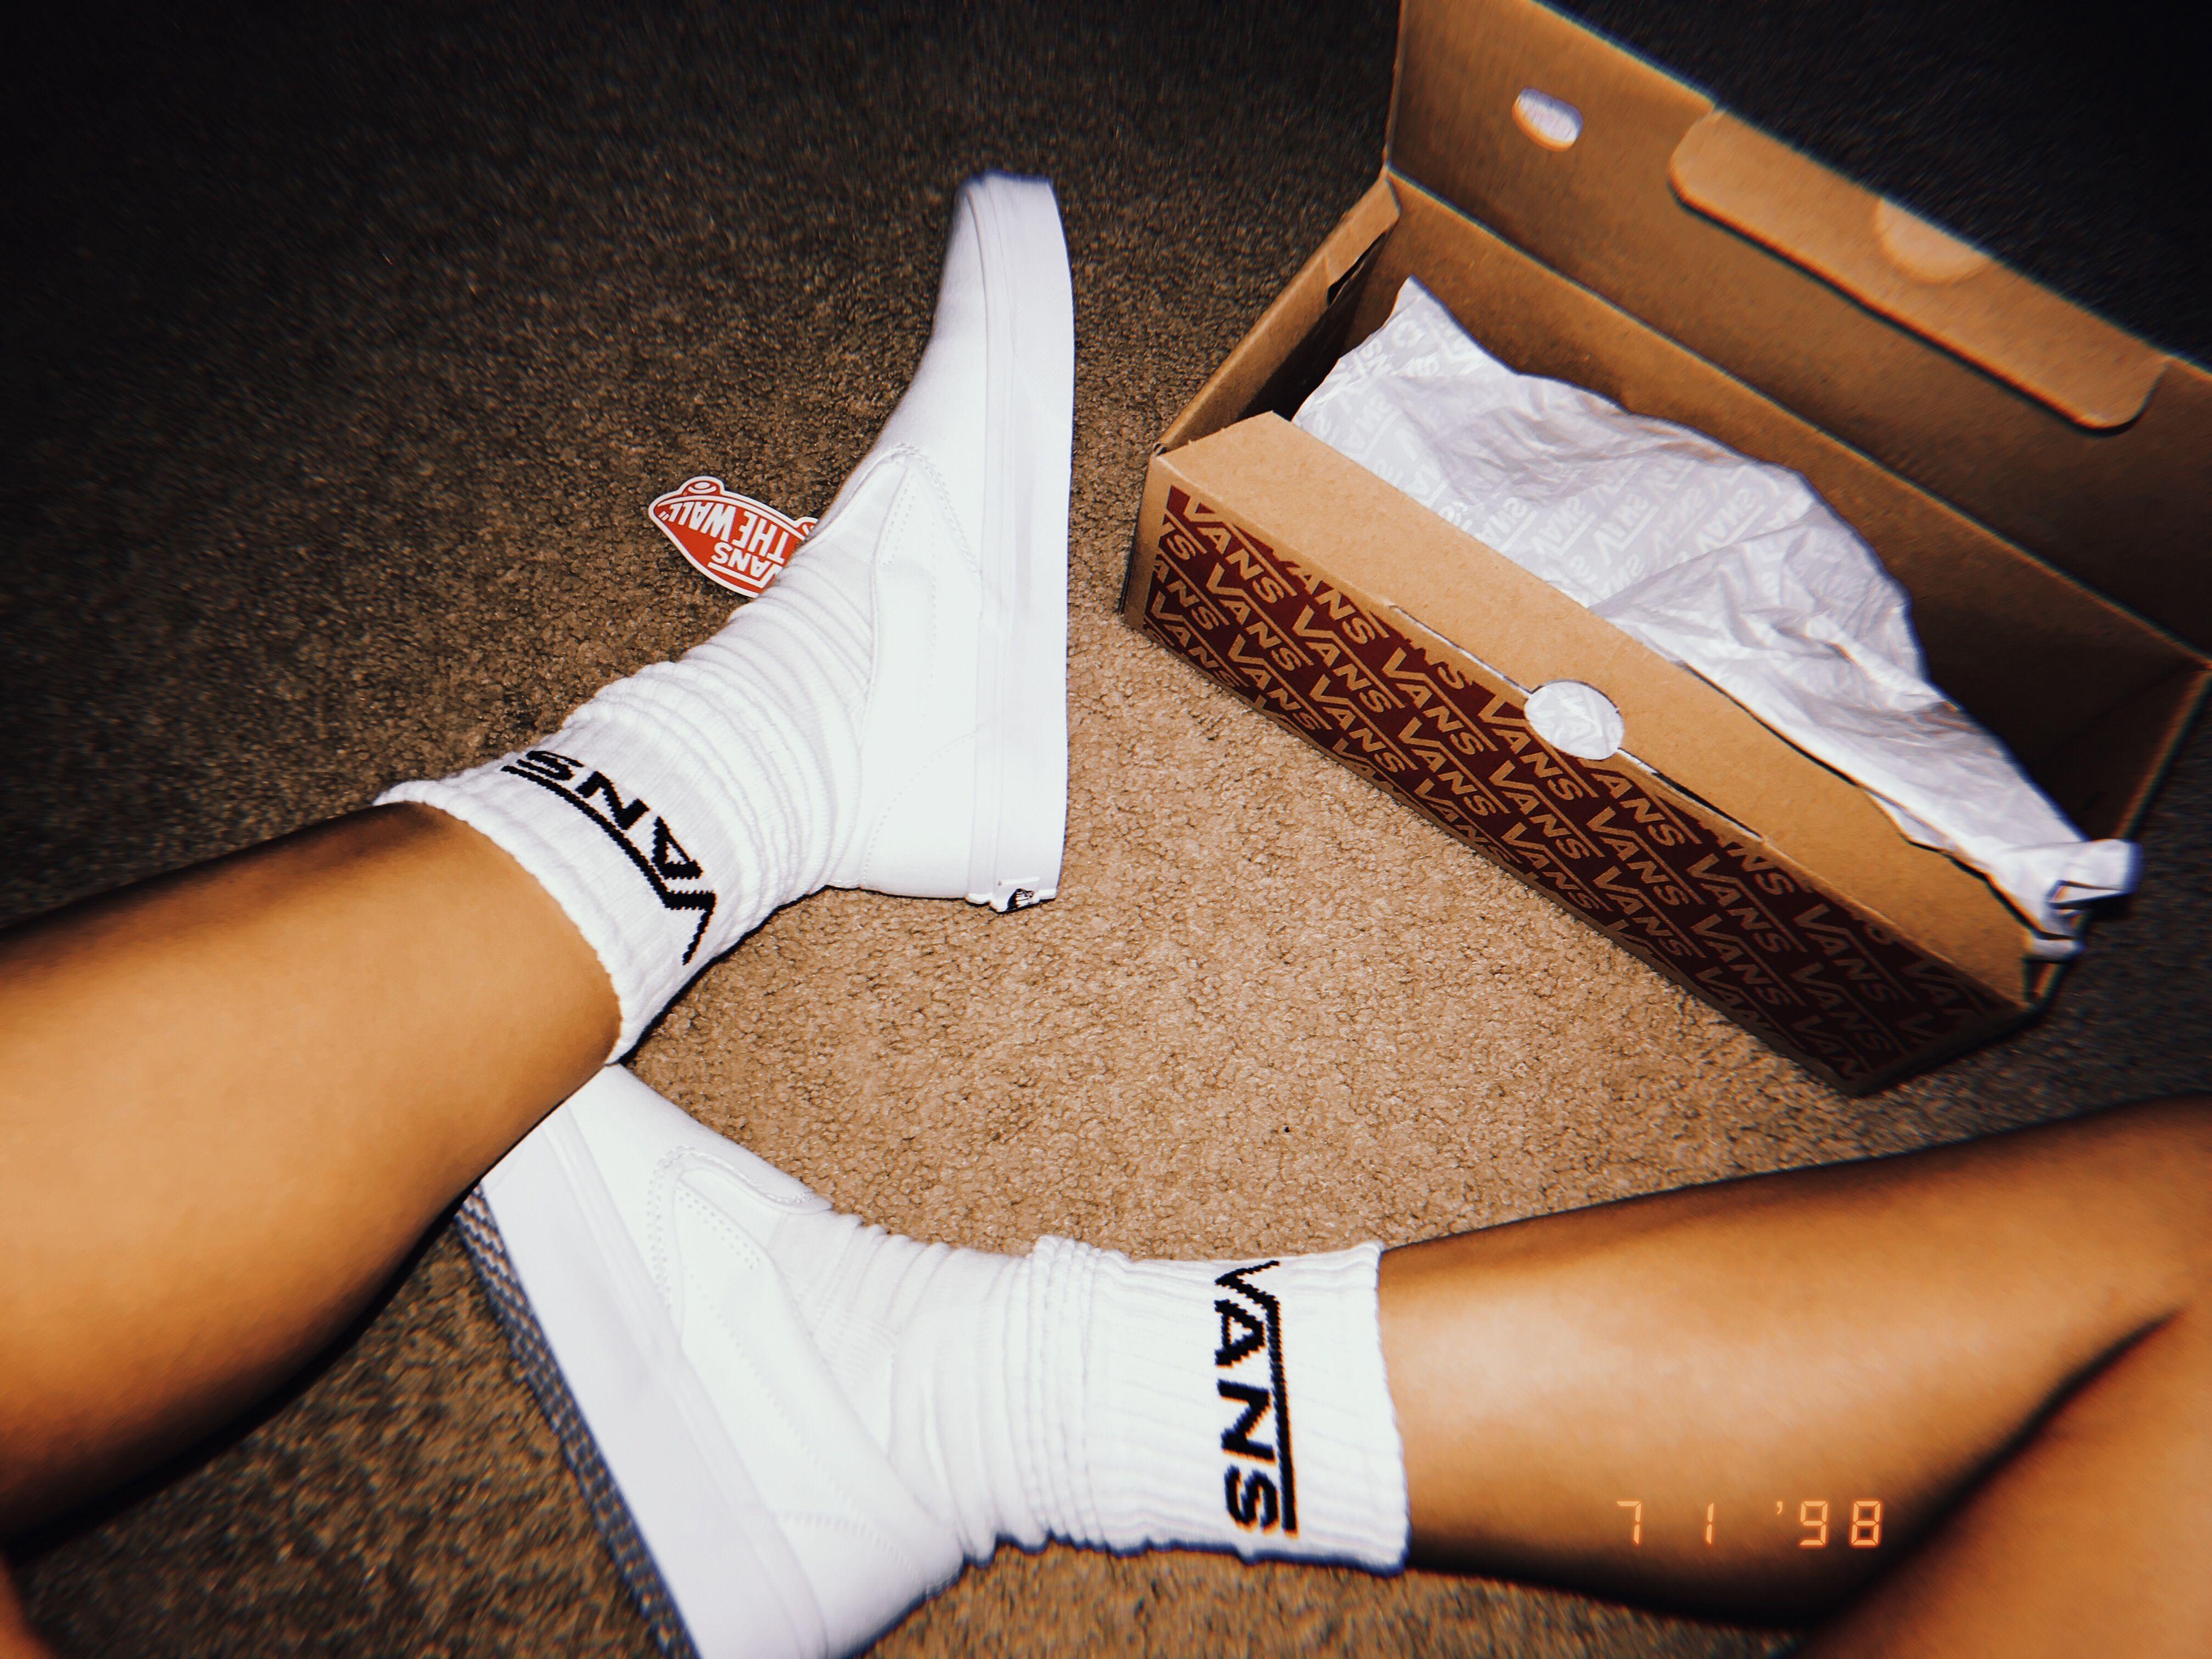 vans, Vans socks, White vans outfit